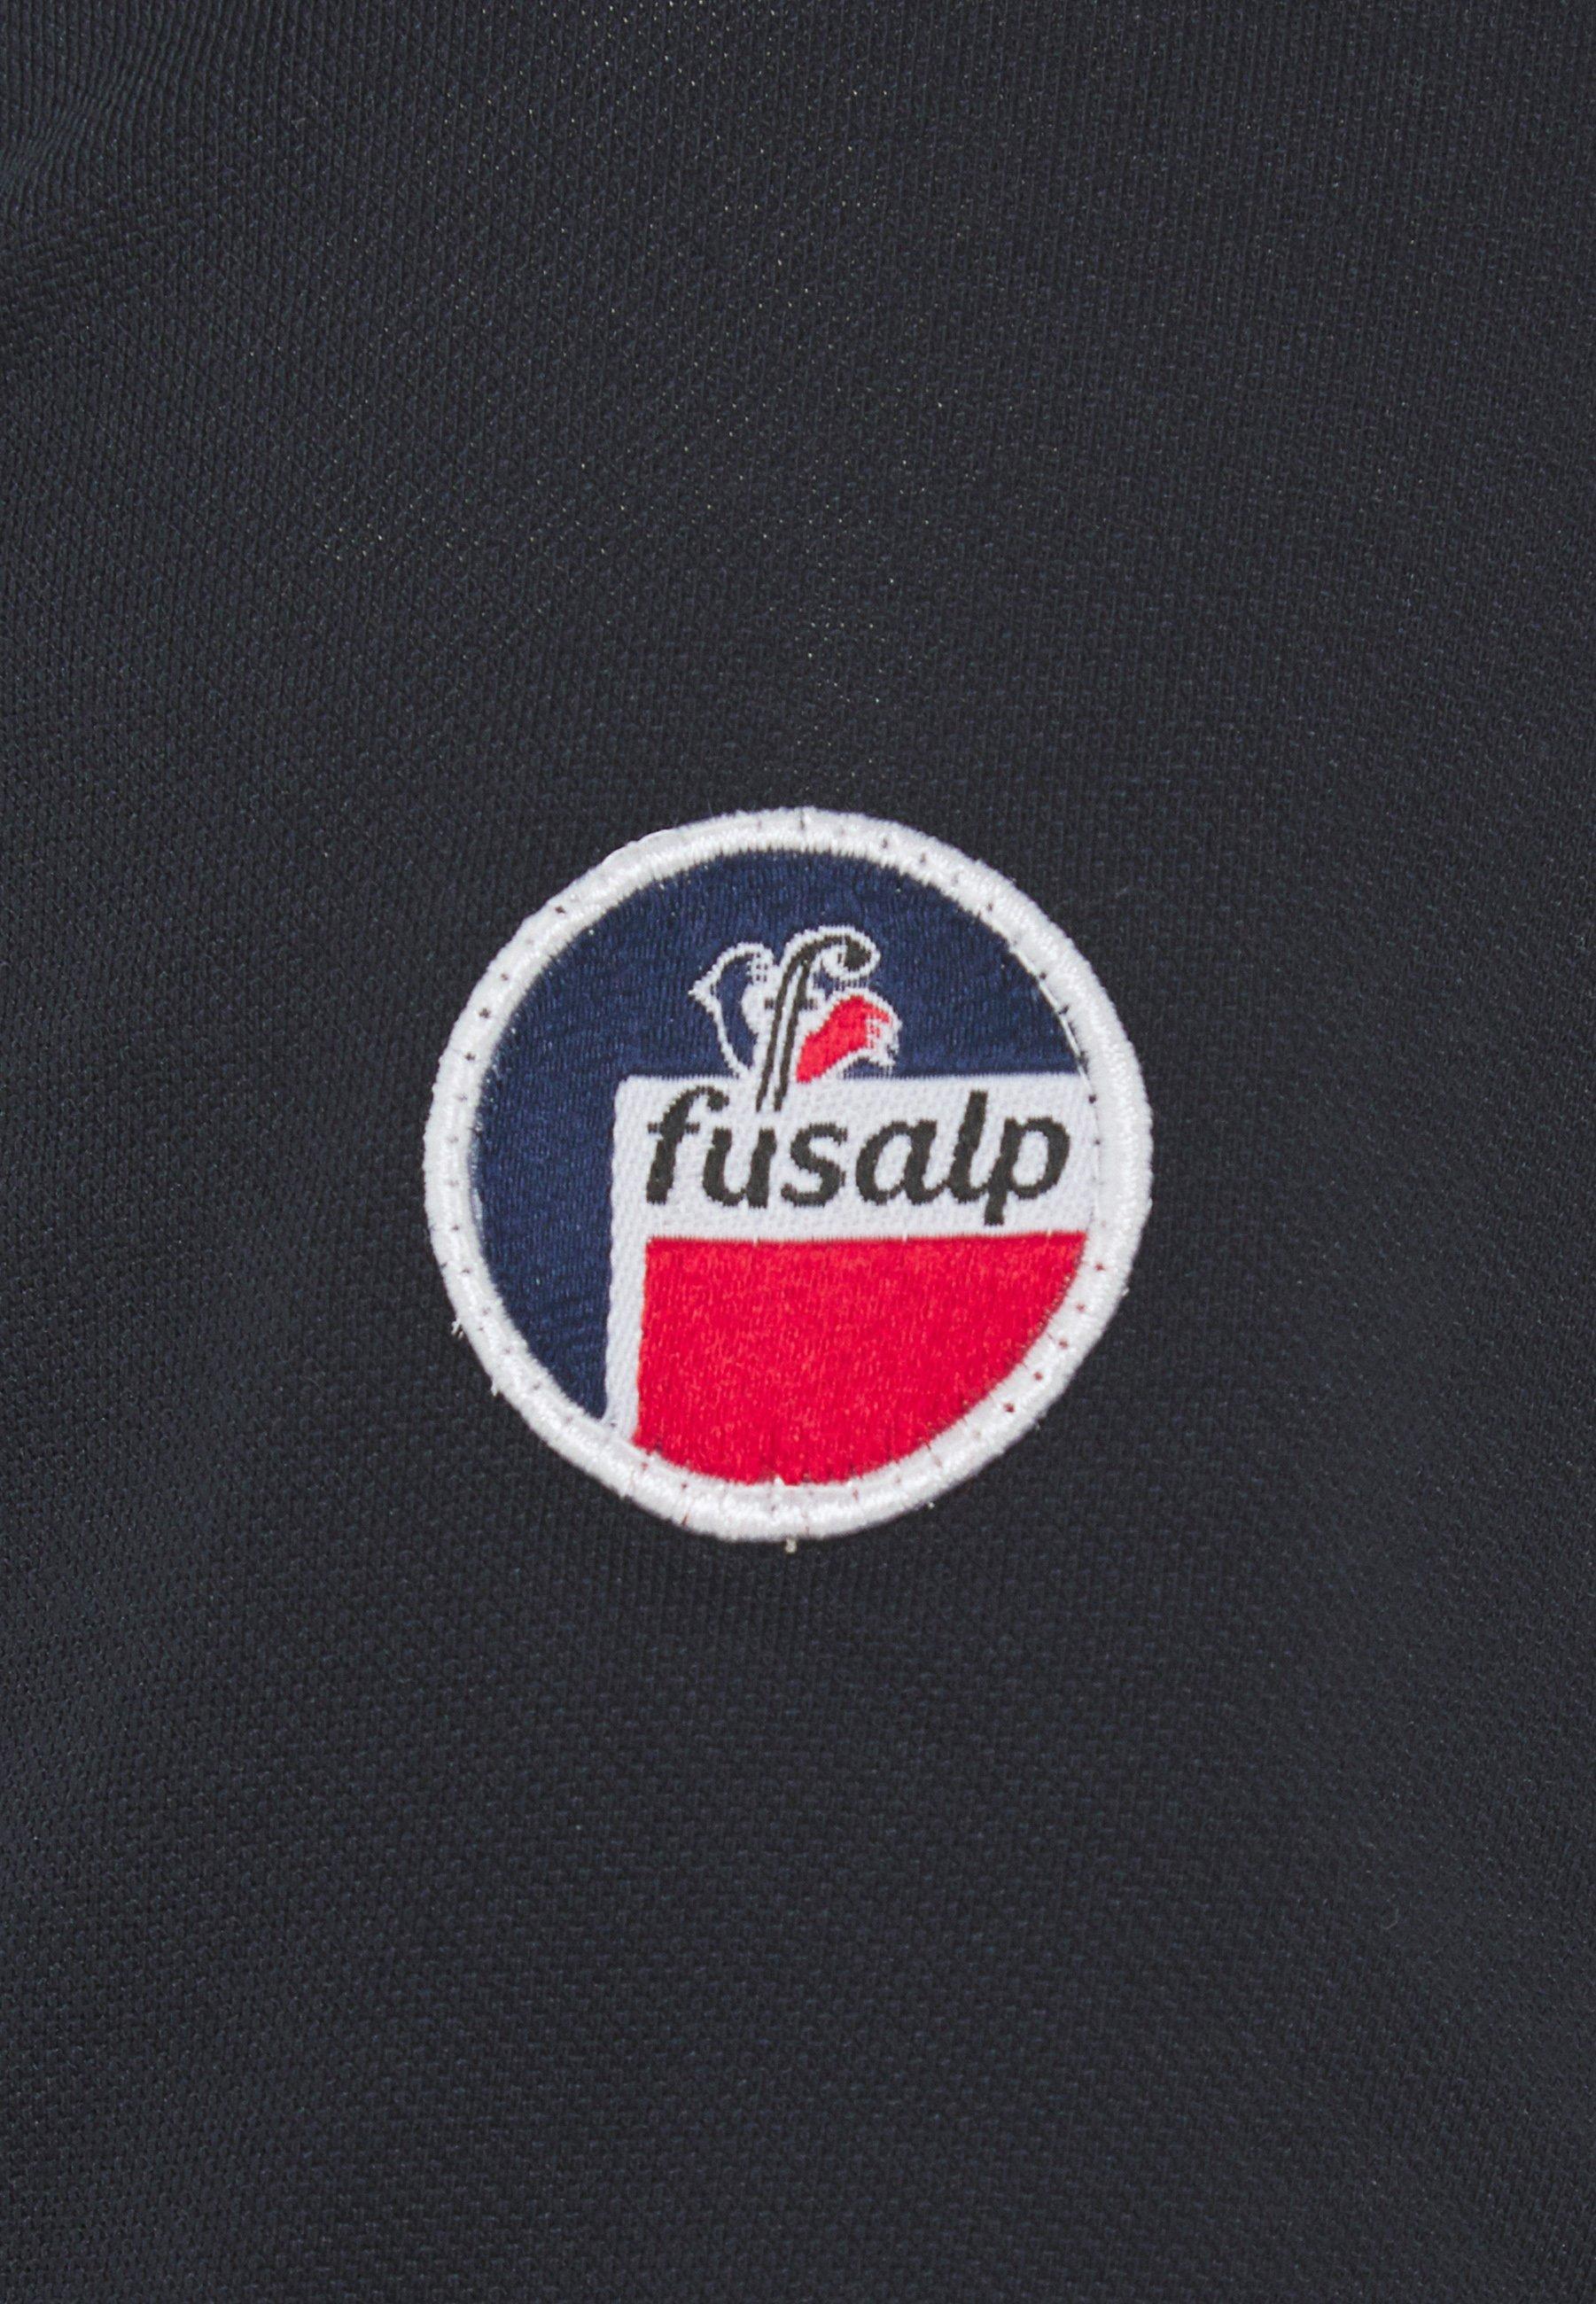 Fusalp Limodore - Polo Darkblue BgxFg